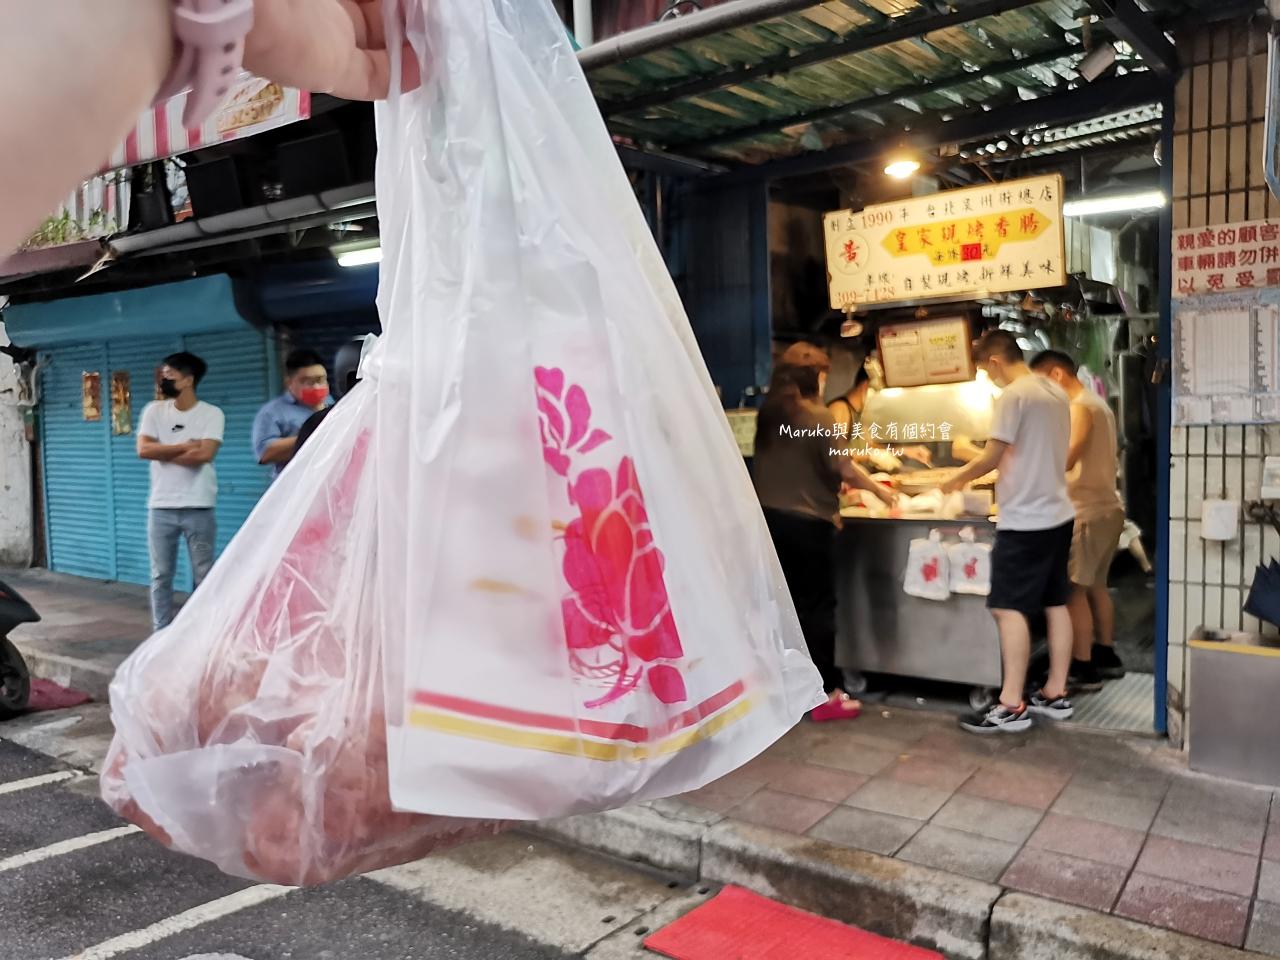 【台北】黃家 皇家現烤香腸 在地人推薦 30年老店 會噴汁的炭烤香腸 捷運古亭站美食 @Maruko與美食有個約會